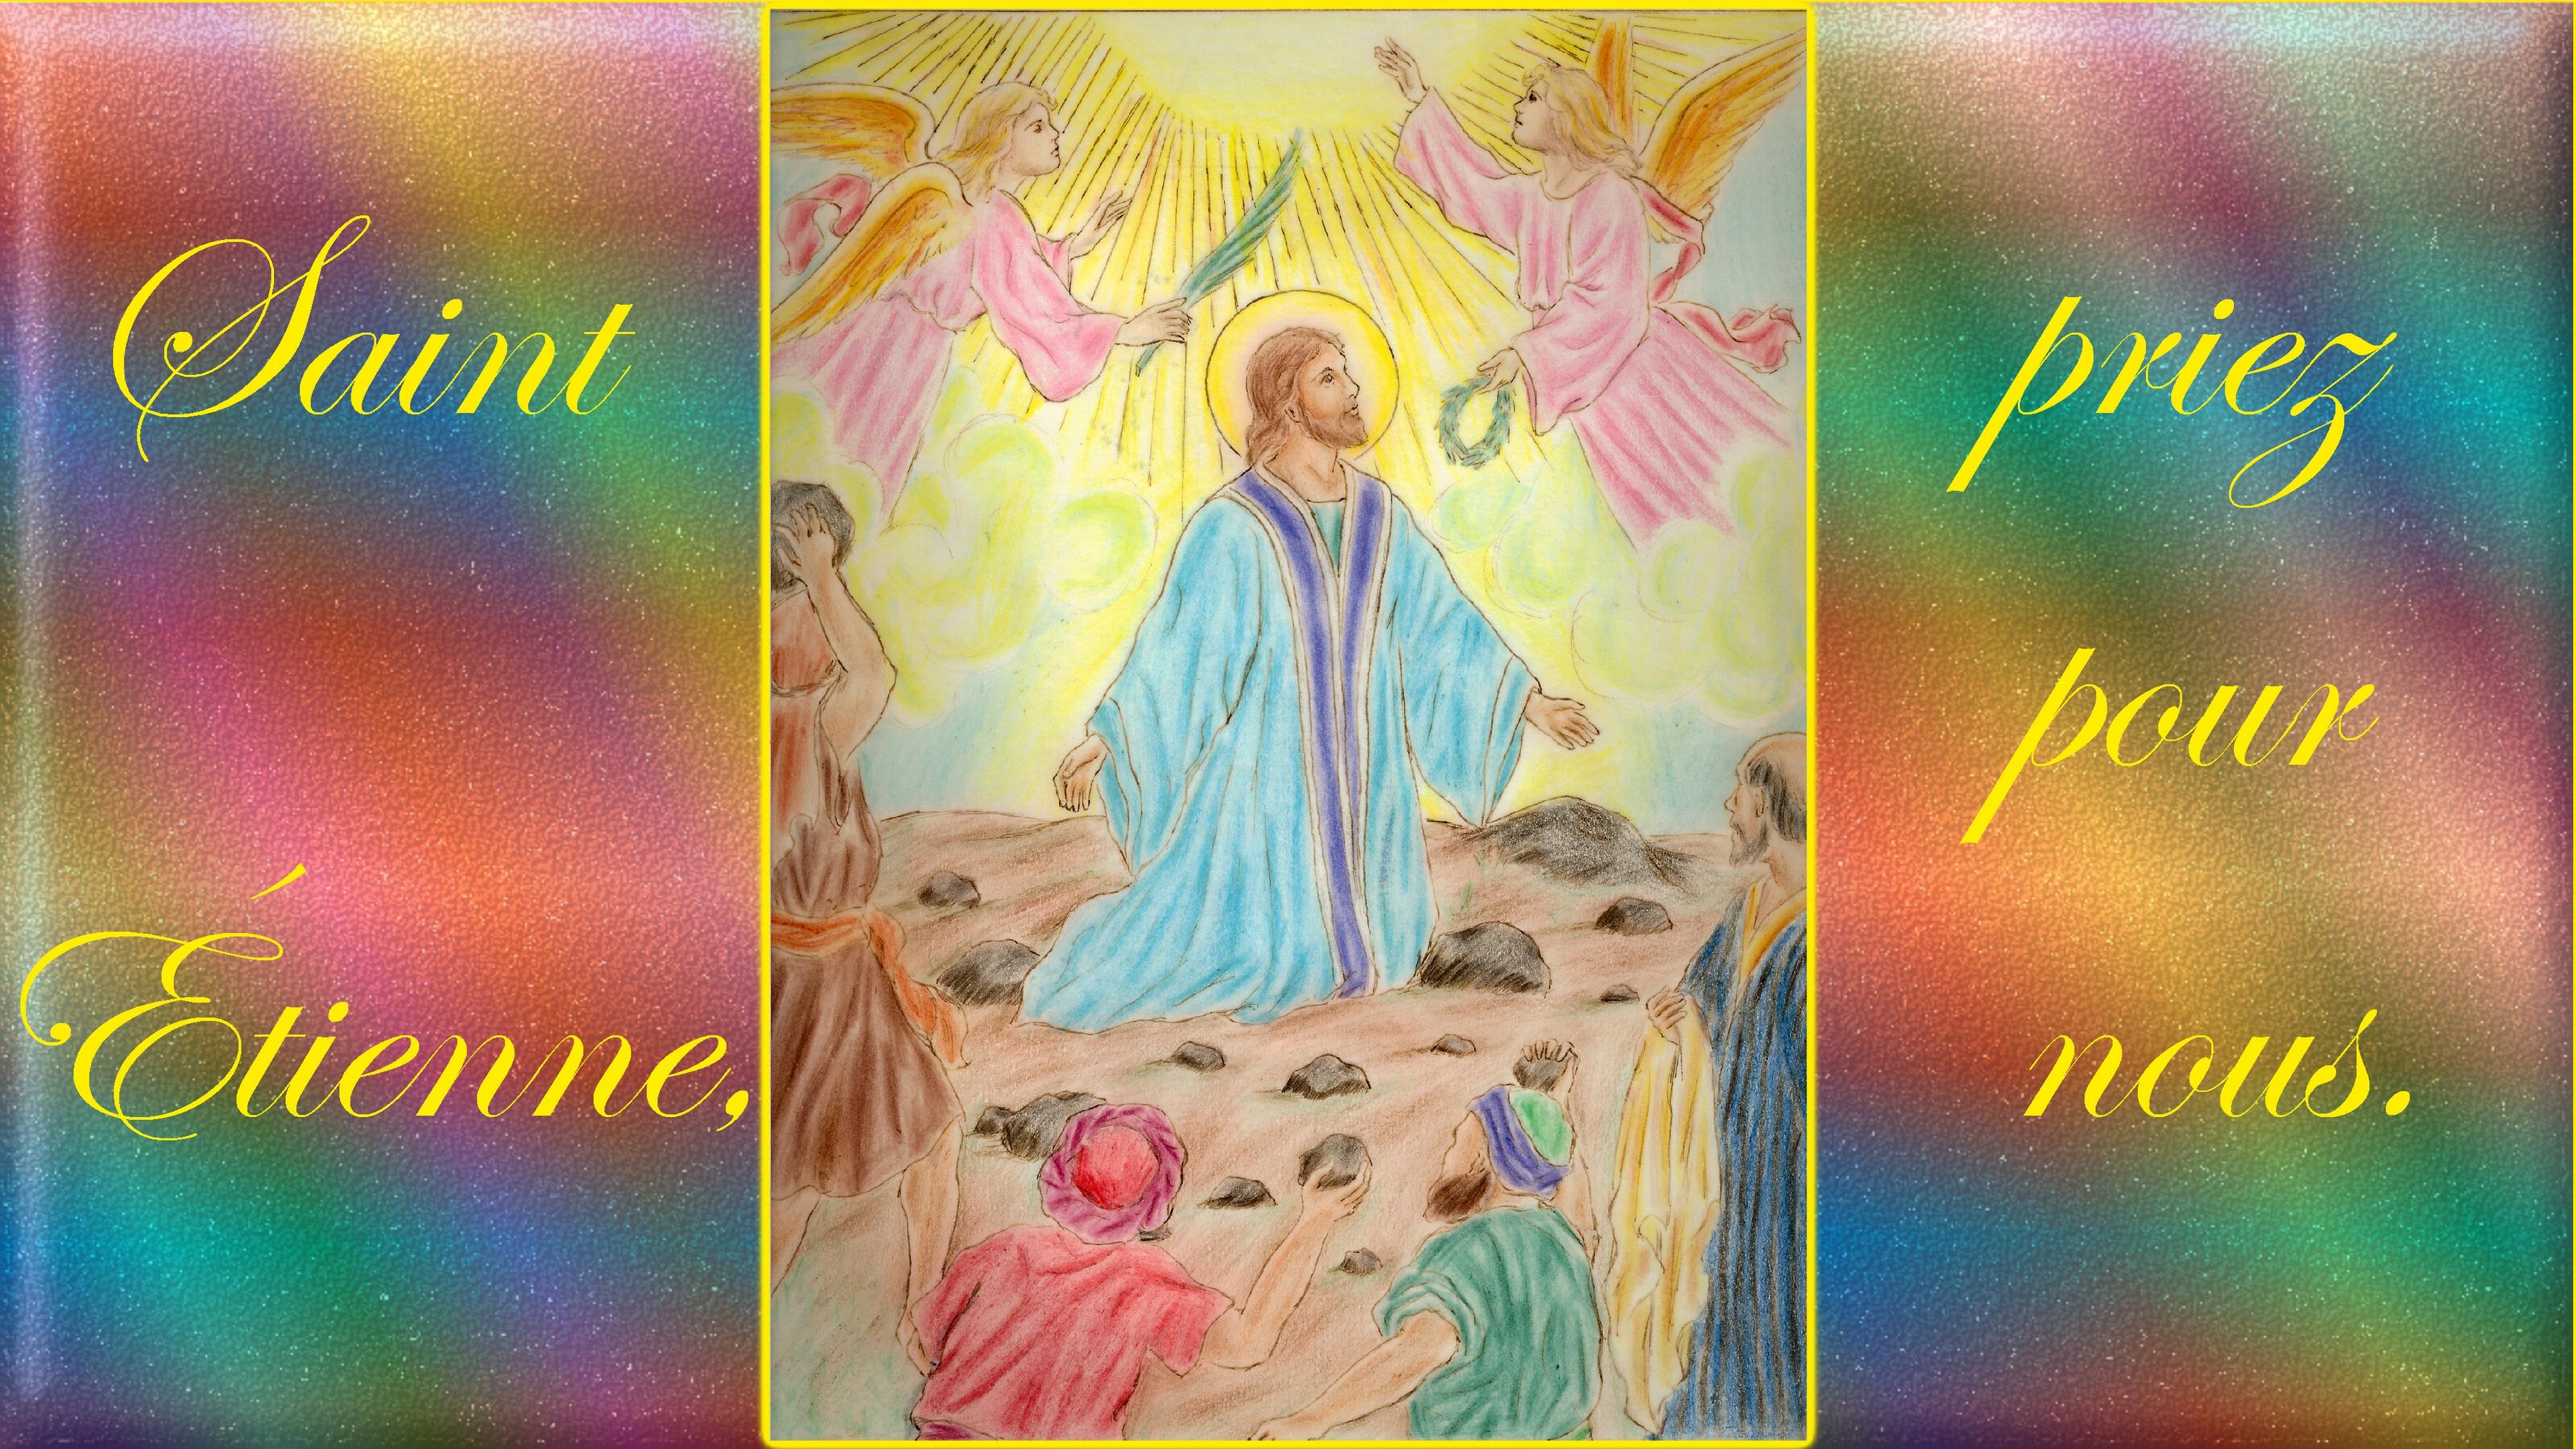 CALENDRIER CATHOLIQUE 2019 (Cantiques, Prières & Images) - Page 19 St-tienne-56e4b4d